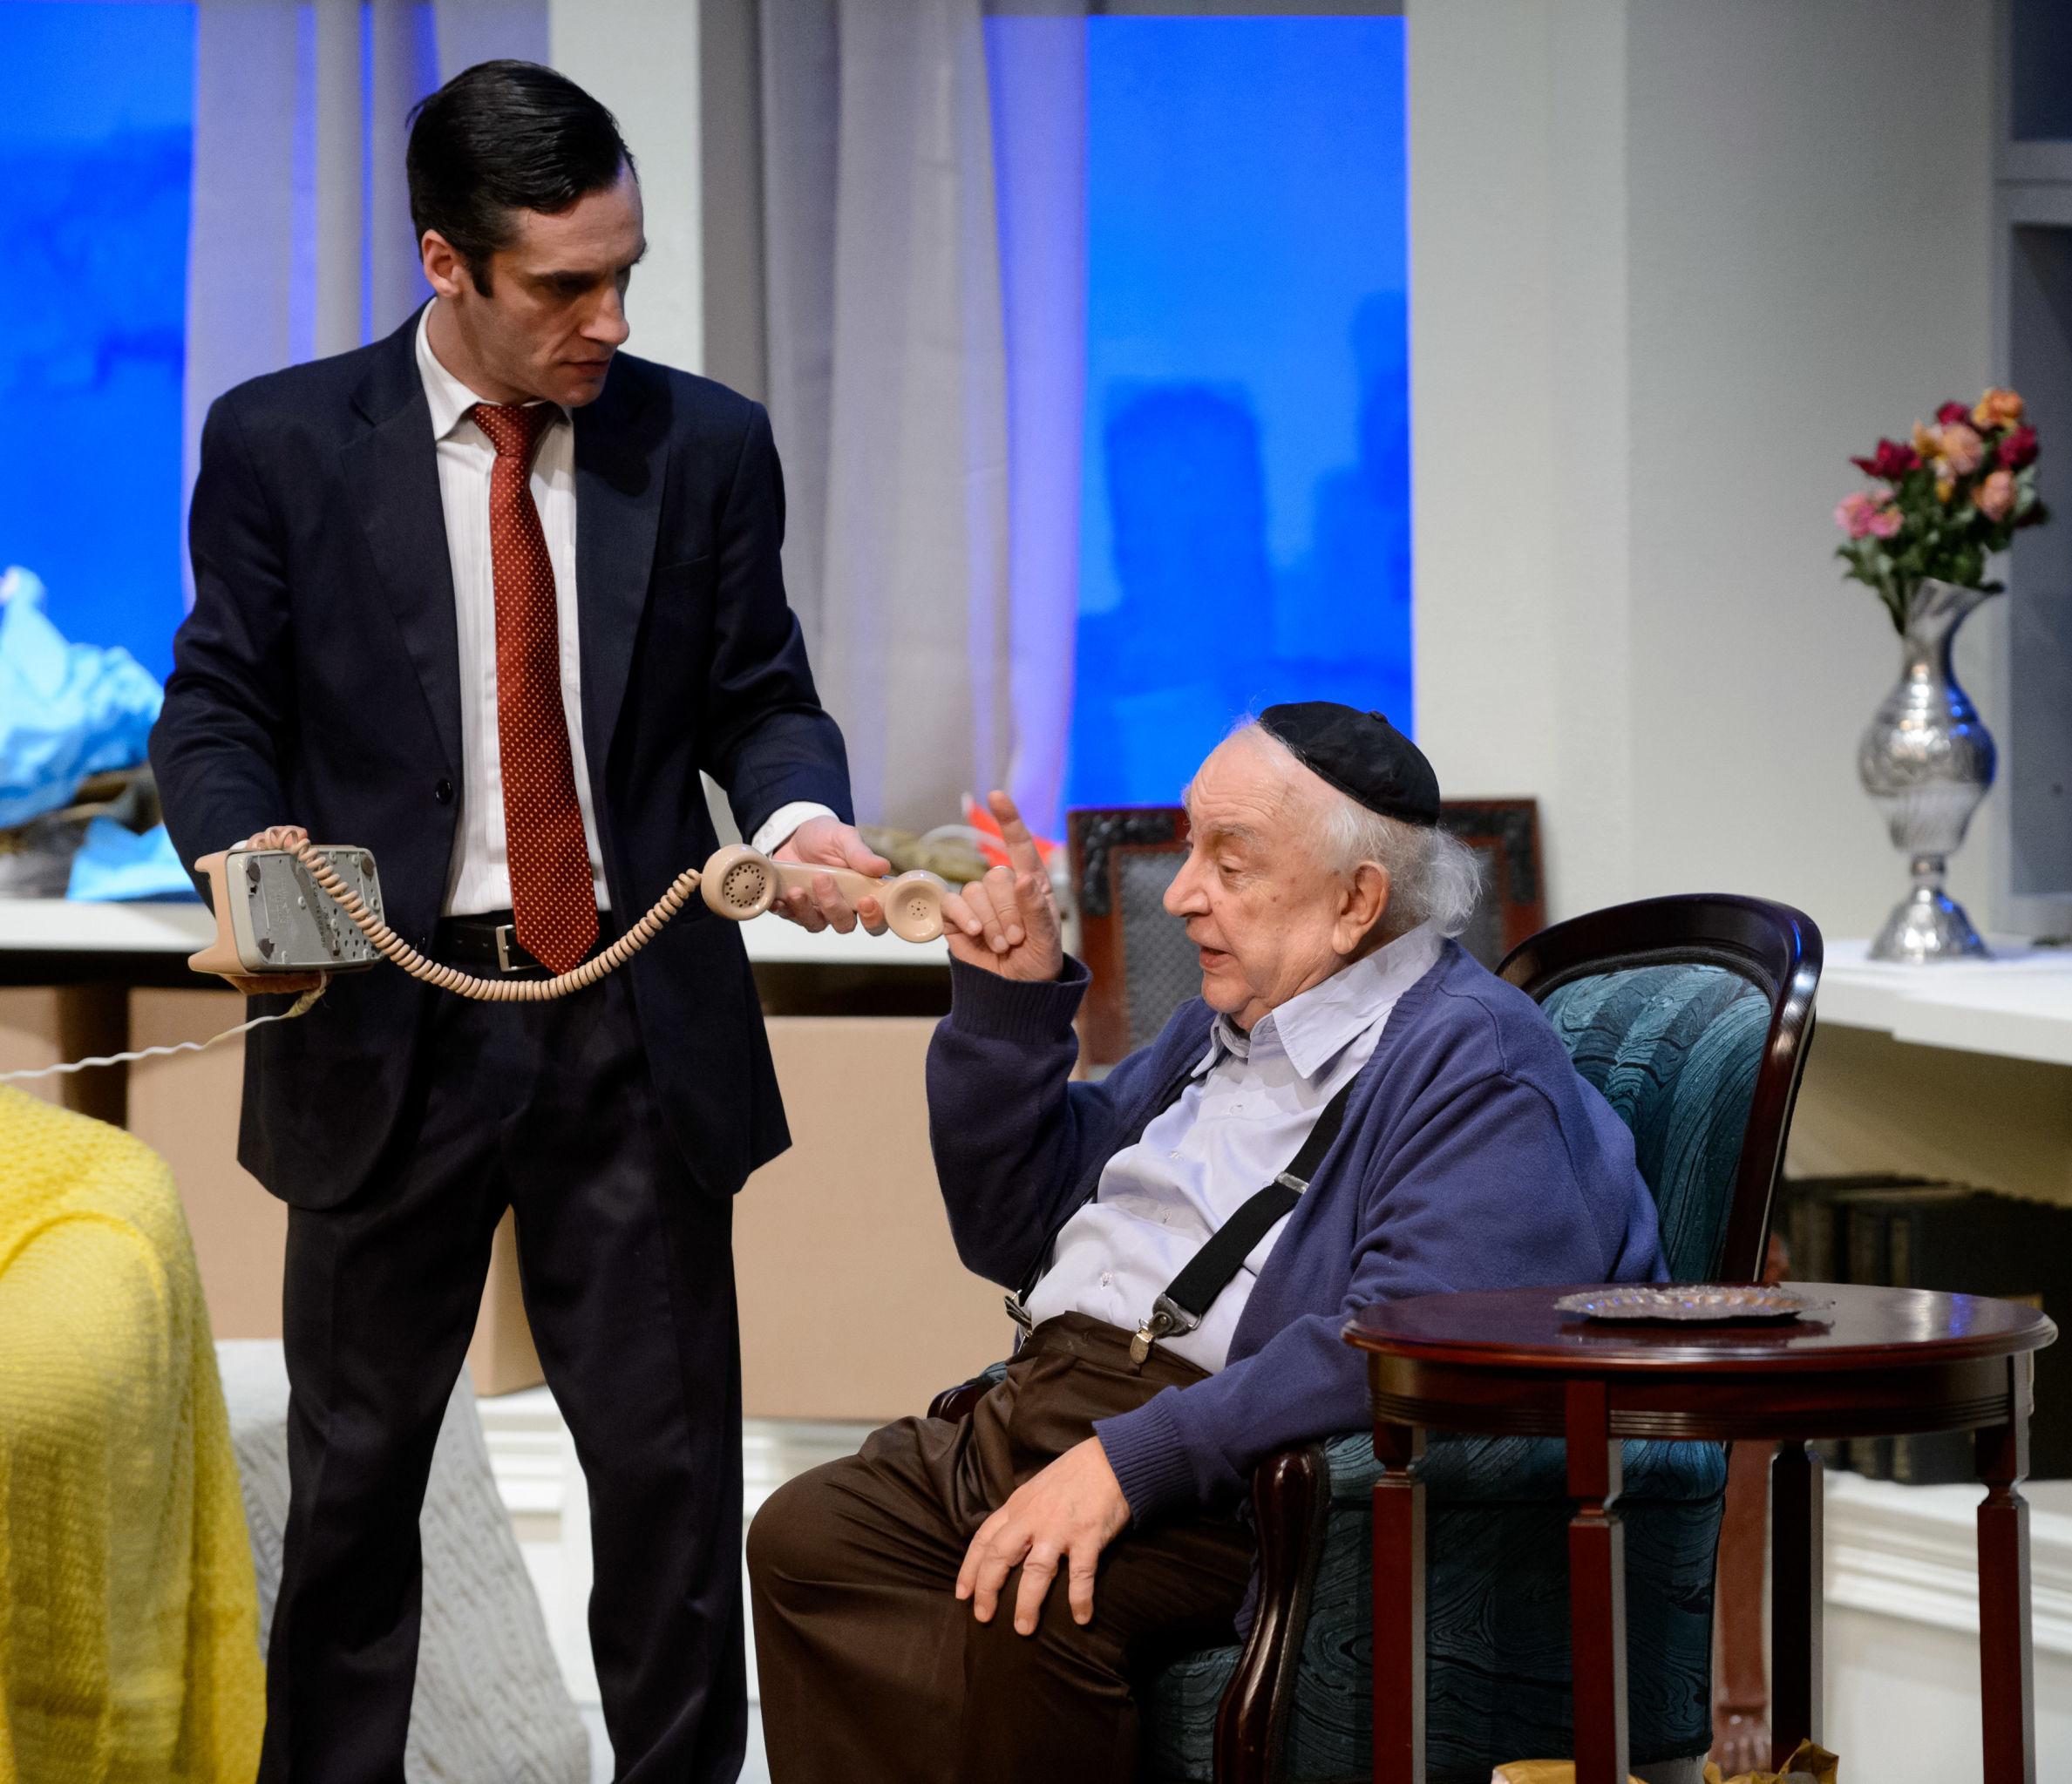 Ricardo Gelli y Sérgio Mamberti durante su actuación en el Festival Internacional de Teatro Chéjov, en Moscú